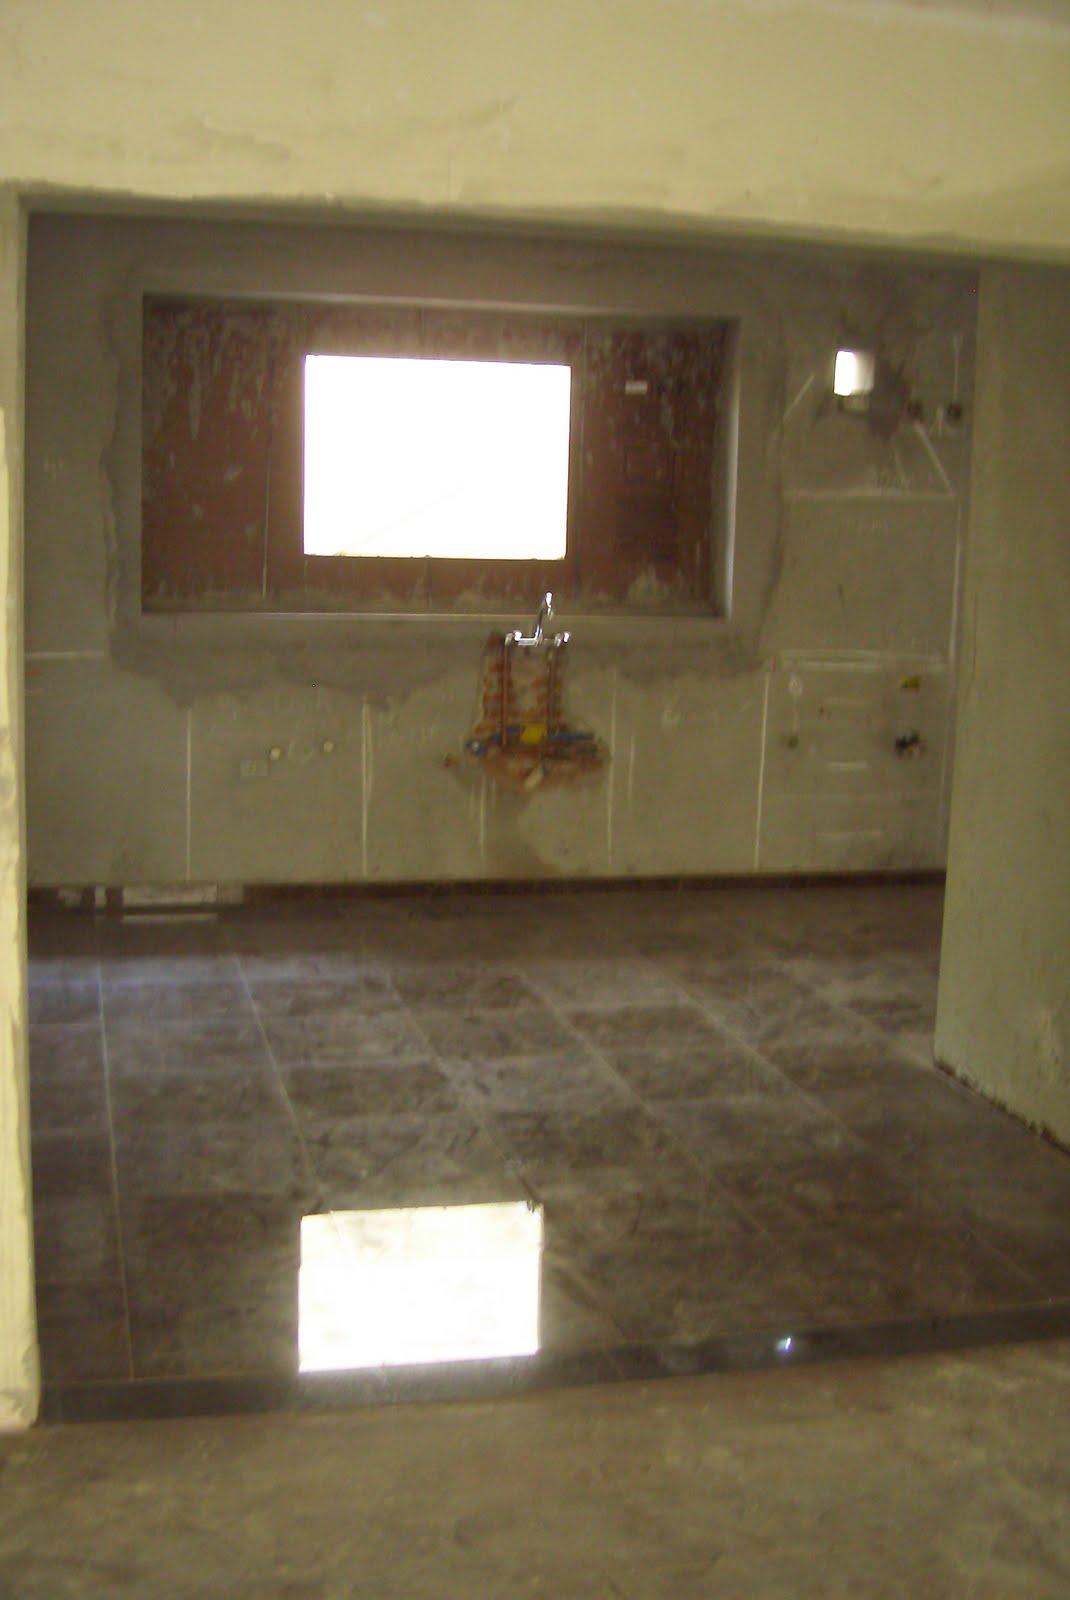 Noticias quentinhas cozinha e banheiro Casa e Reforma #887143 1070 1600